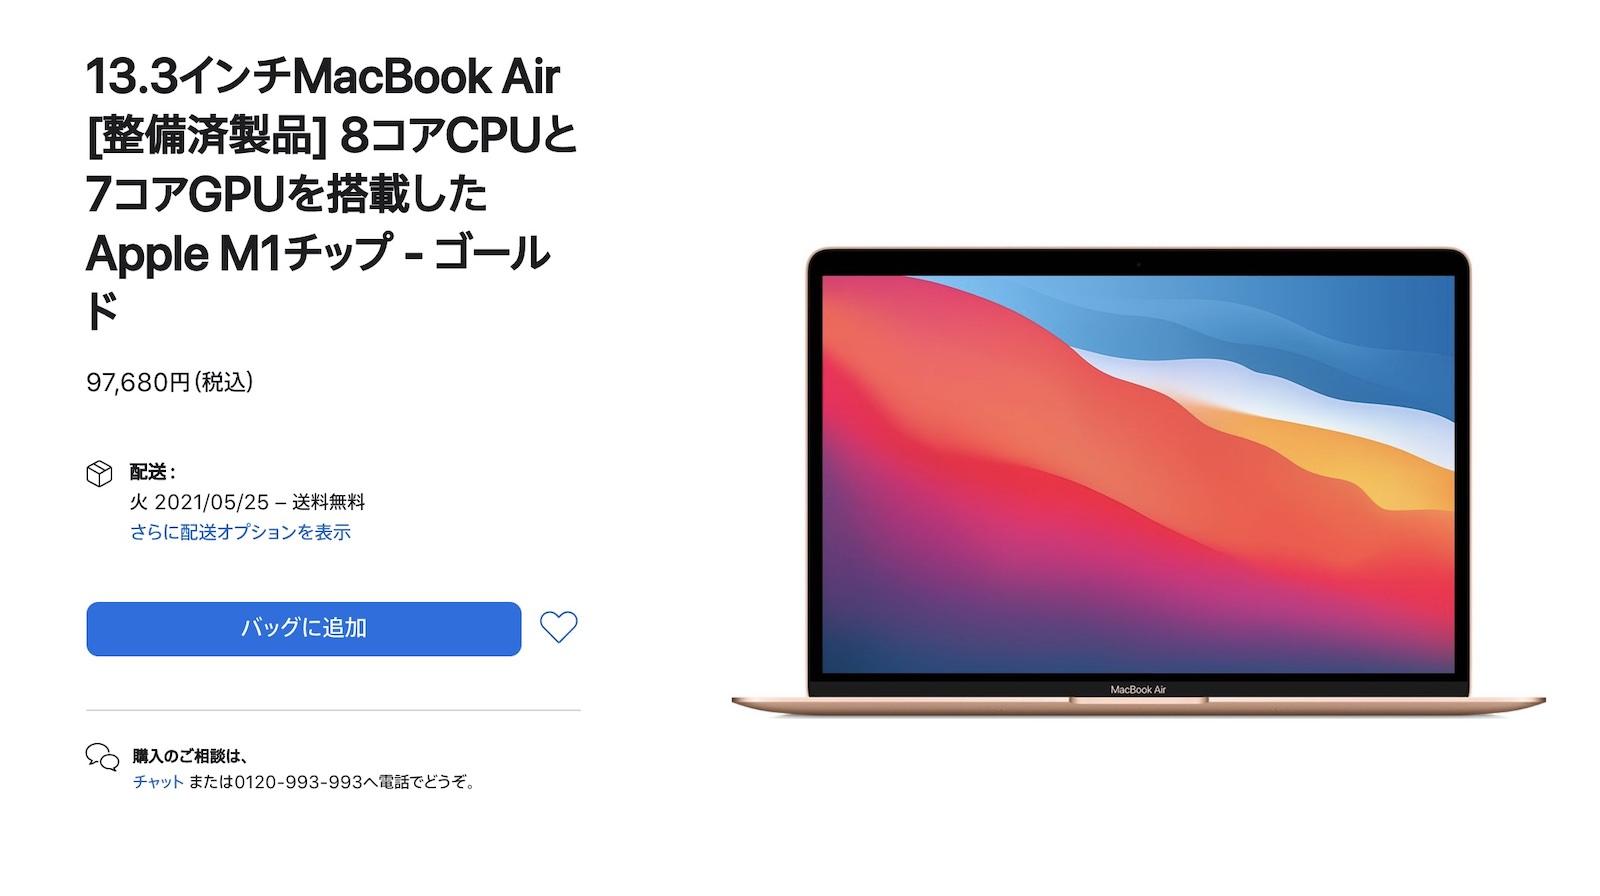 13.3インチMacBook Air [整備済製品] 8コアCPUと7コアGPUを搭載したApple M1チップ - ゴールド